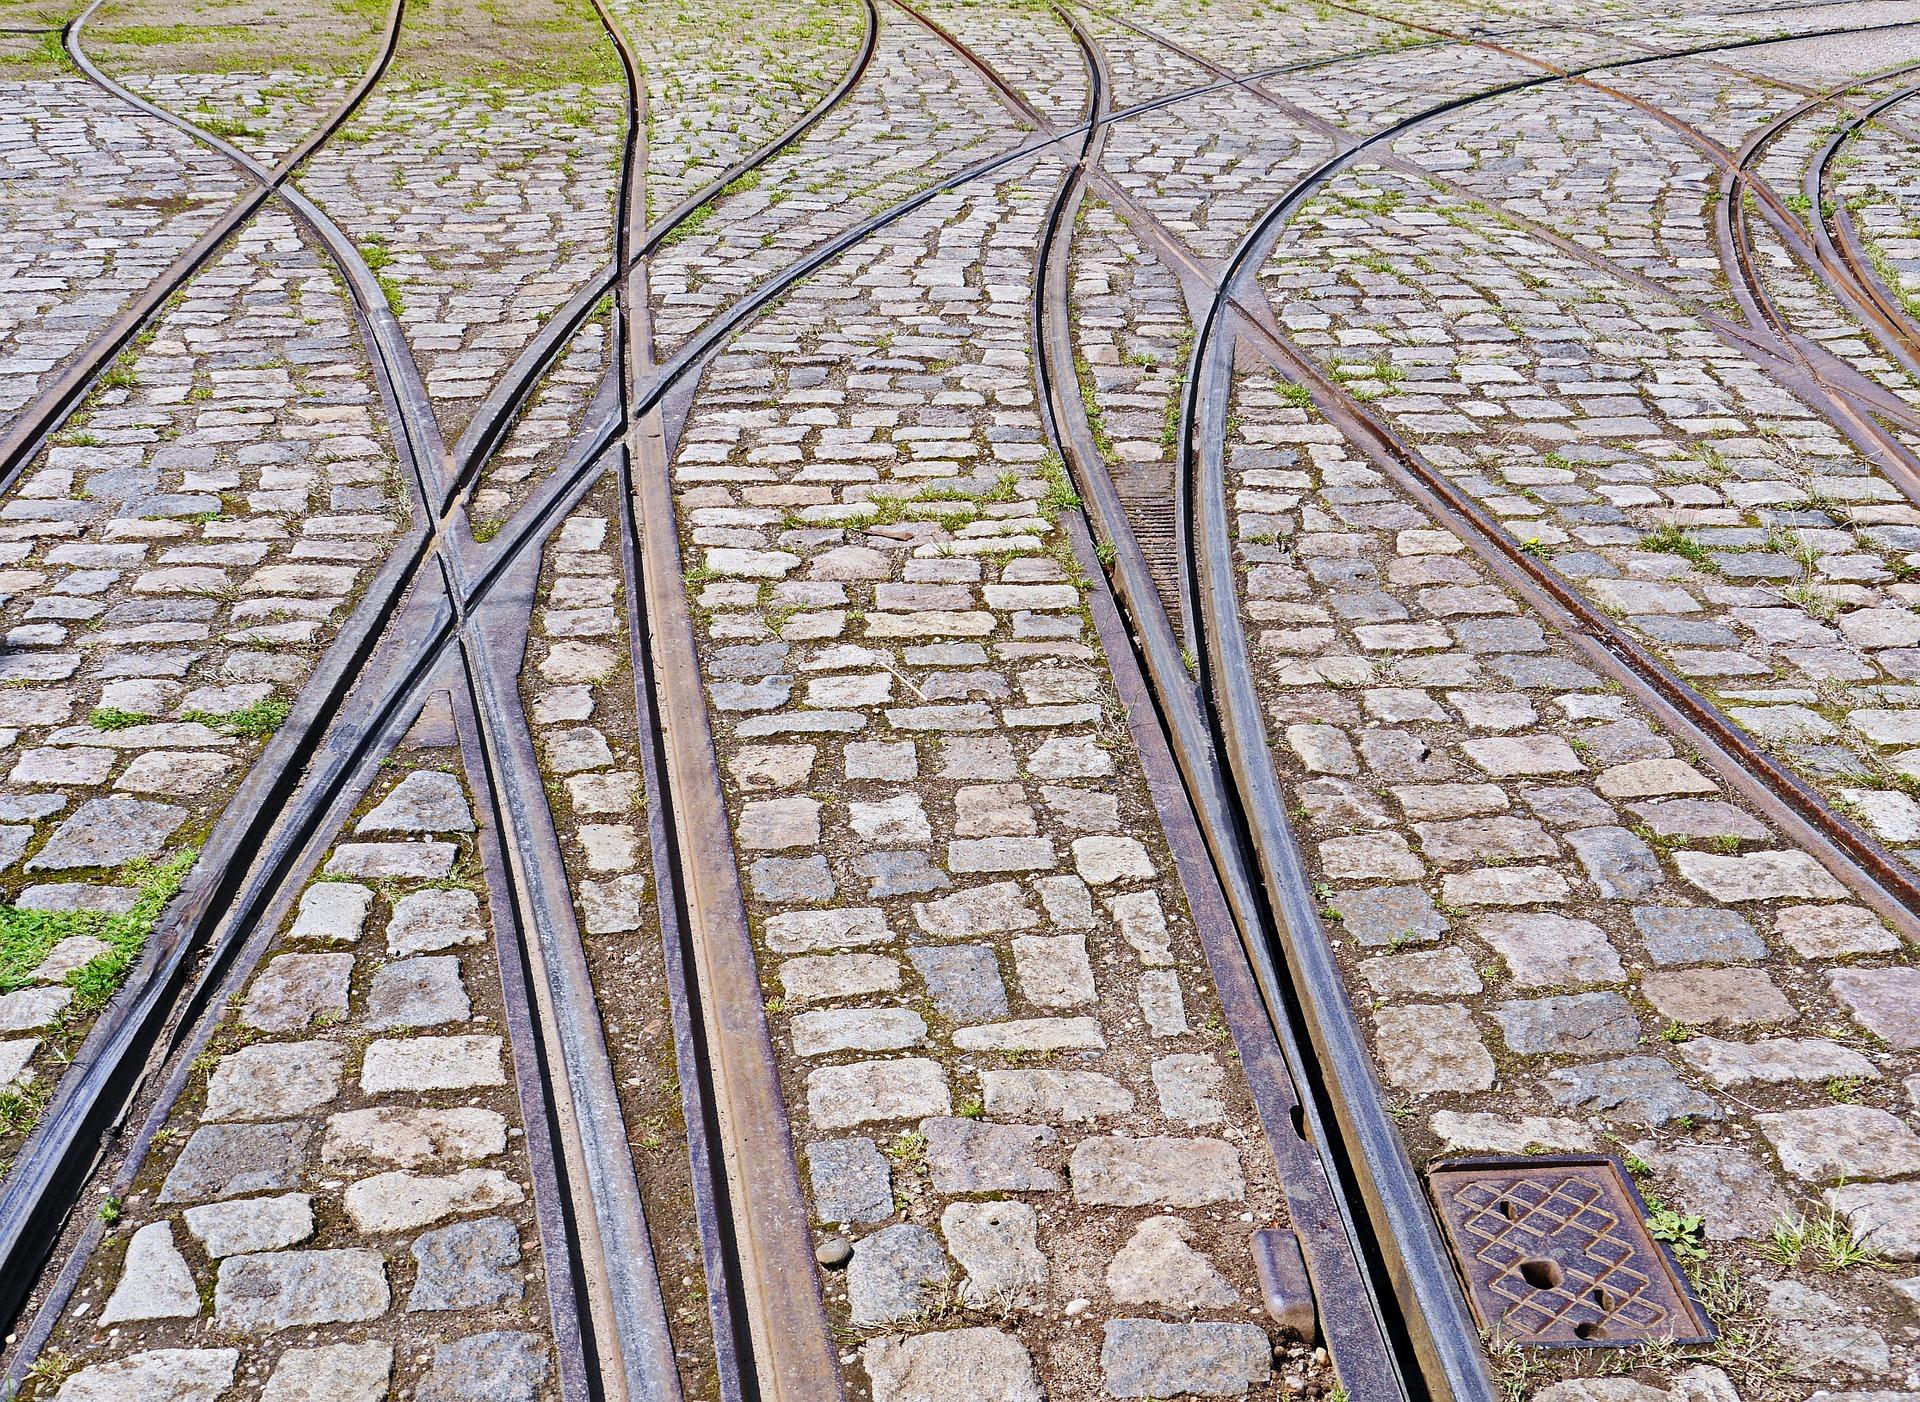 prahu-5-ceka-od-cervna-serie-tramvajovych-vyluk-pokracovat-budou-i-v-roce-2020